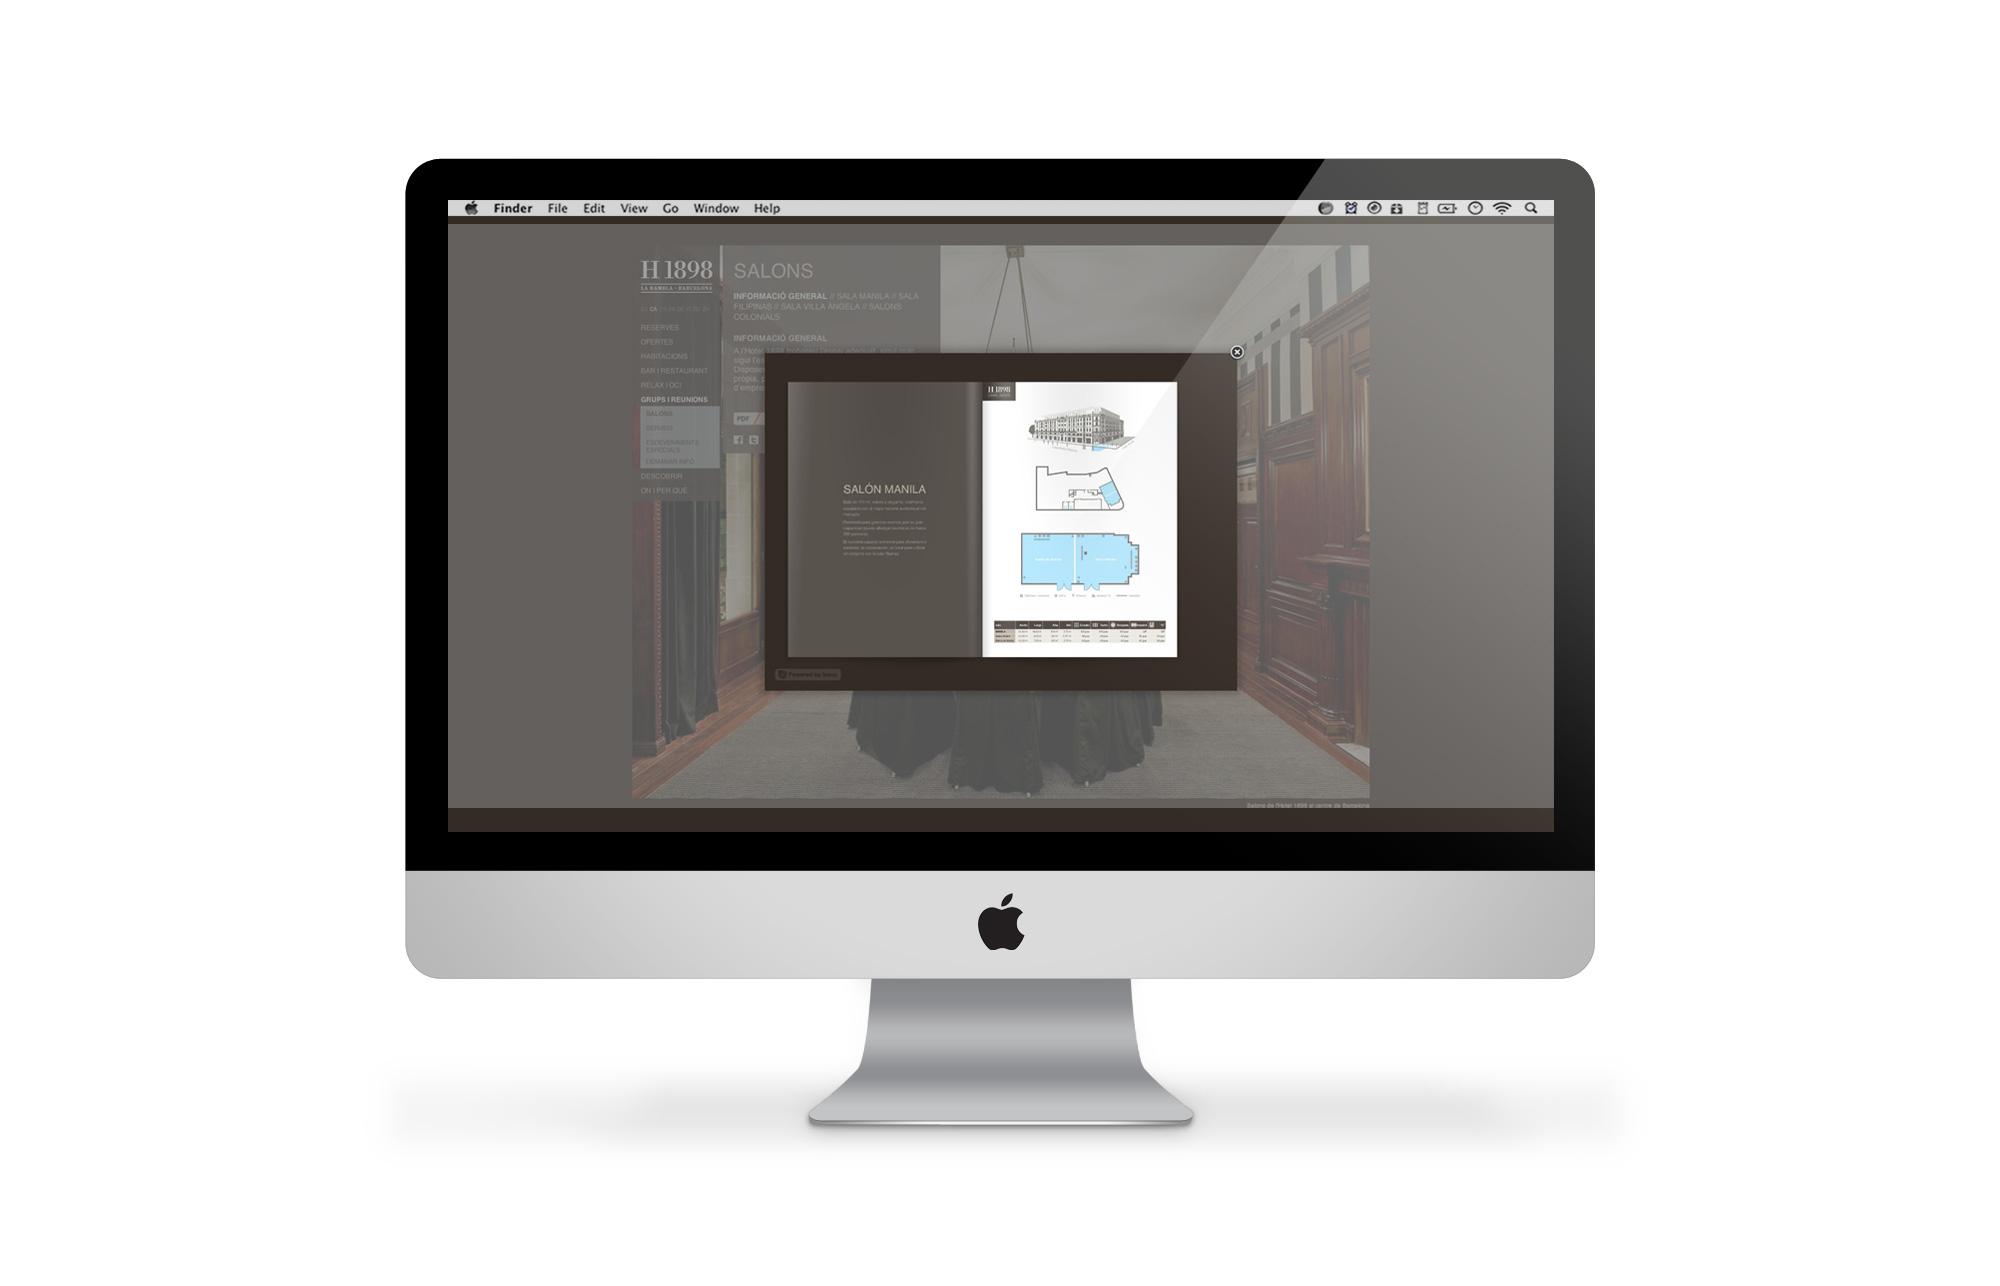 H1898-WEB-8.jpg